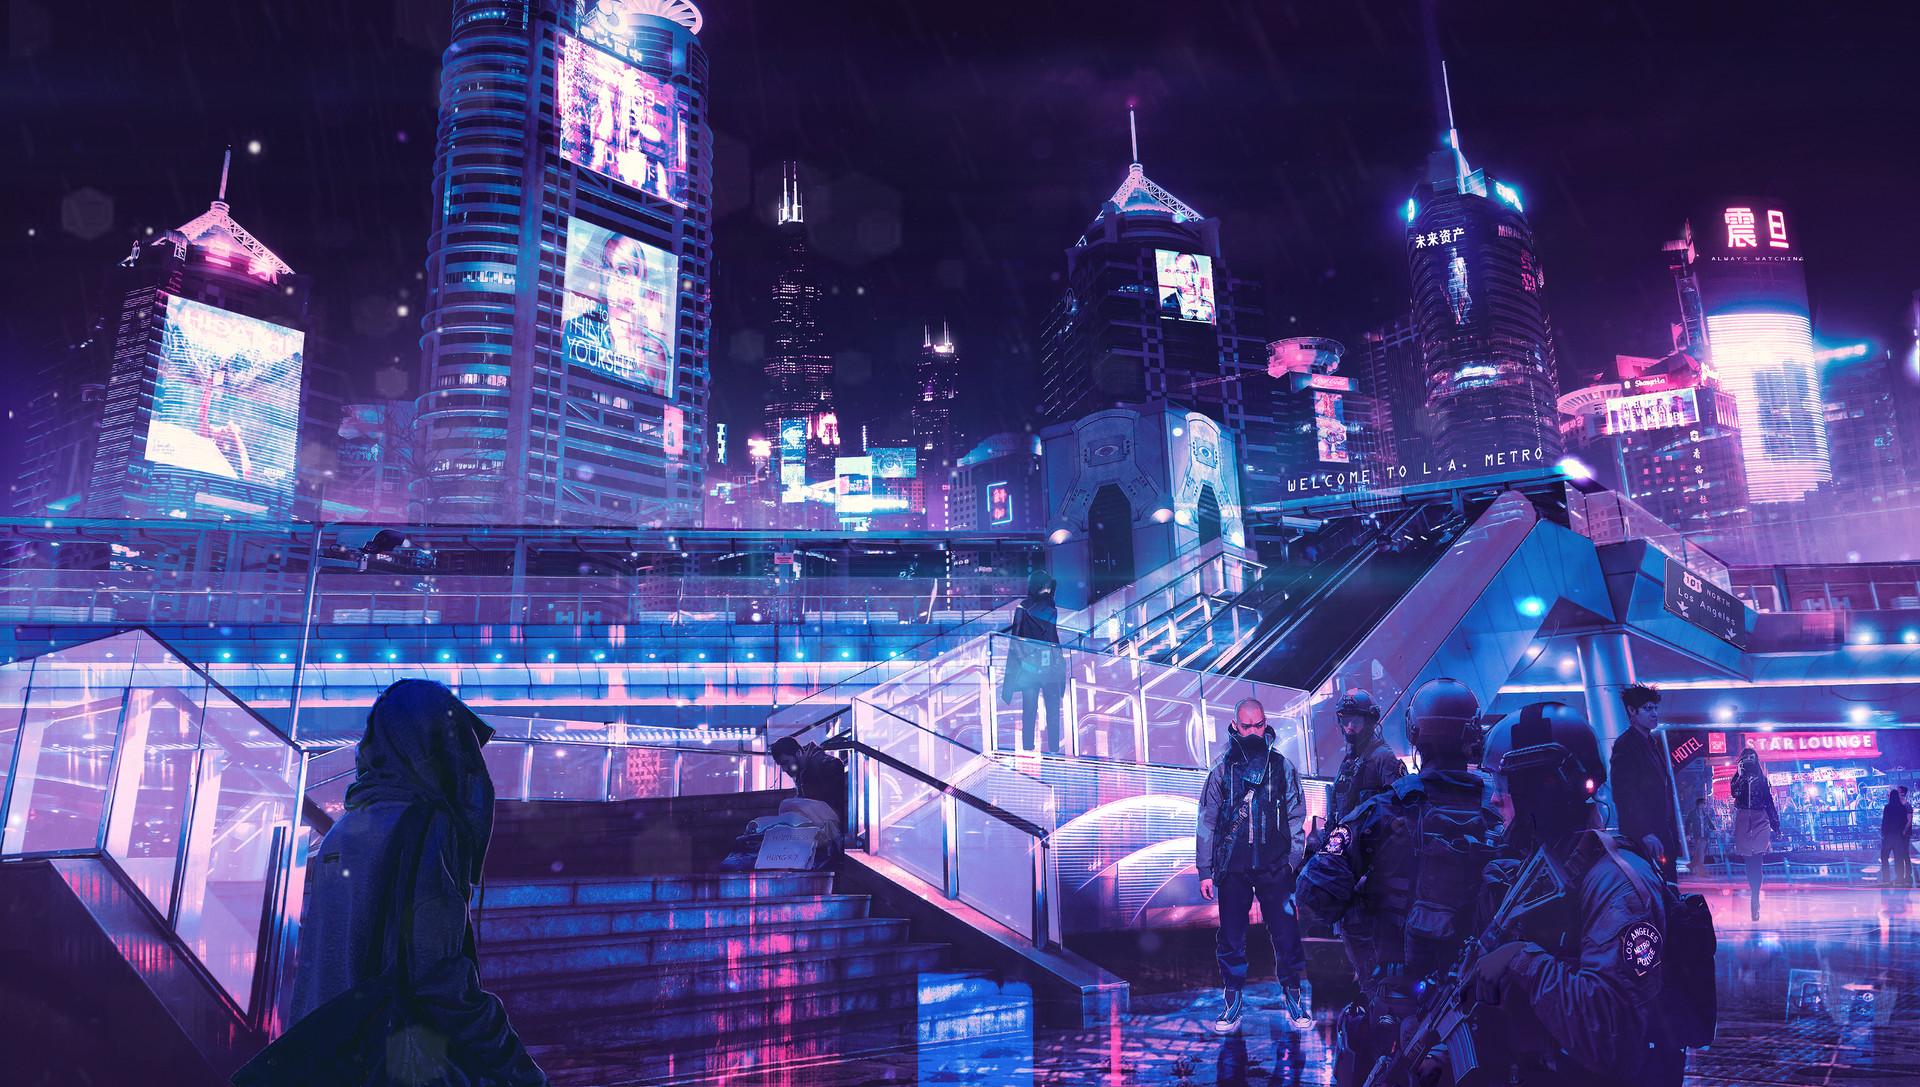 Dubai Girls Wallpaper Cyberpunk Neon City Hd Artist 4k Wallpapers Images